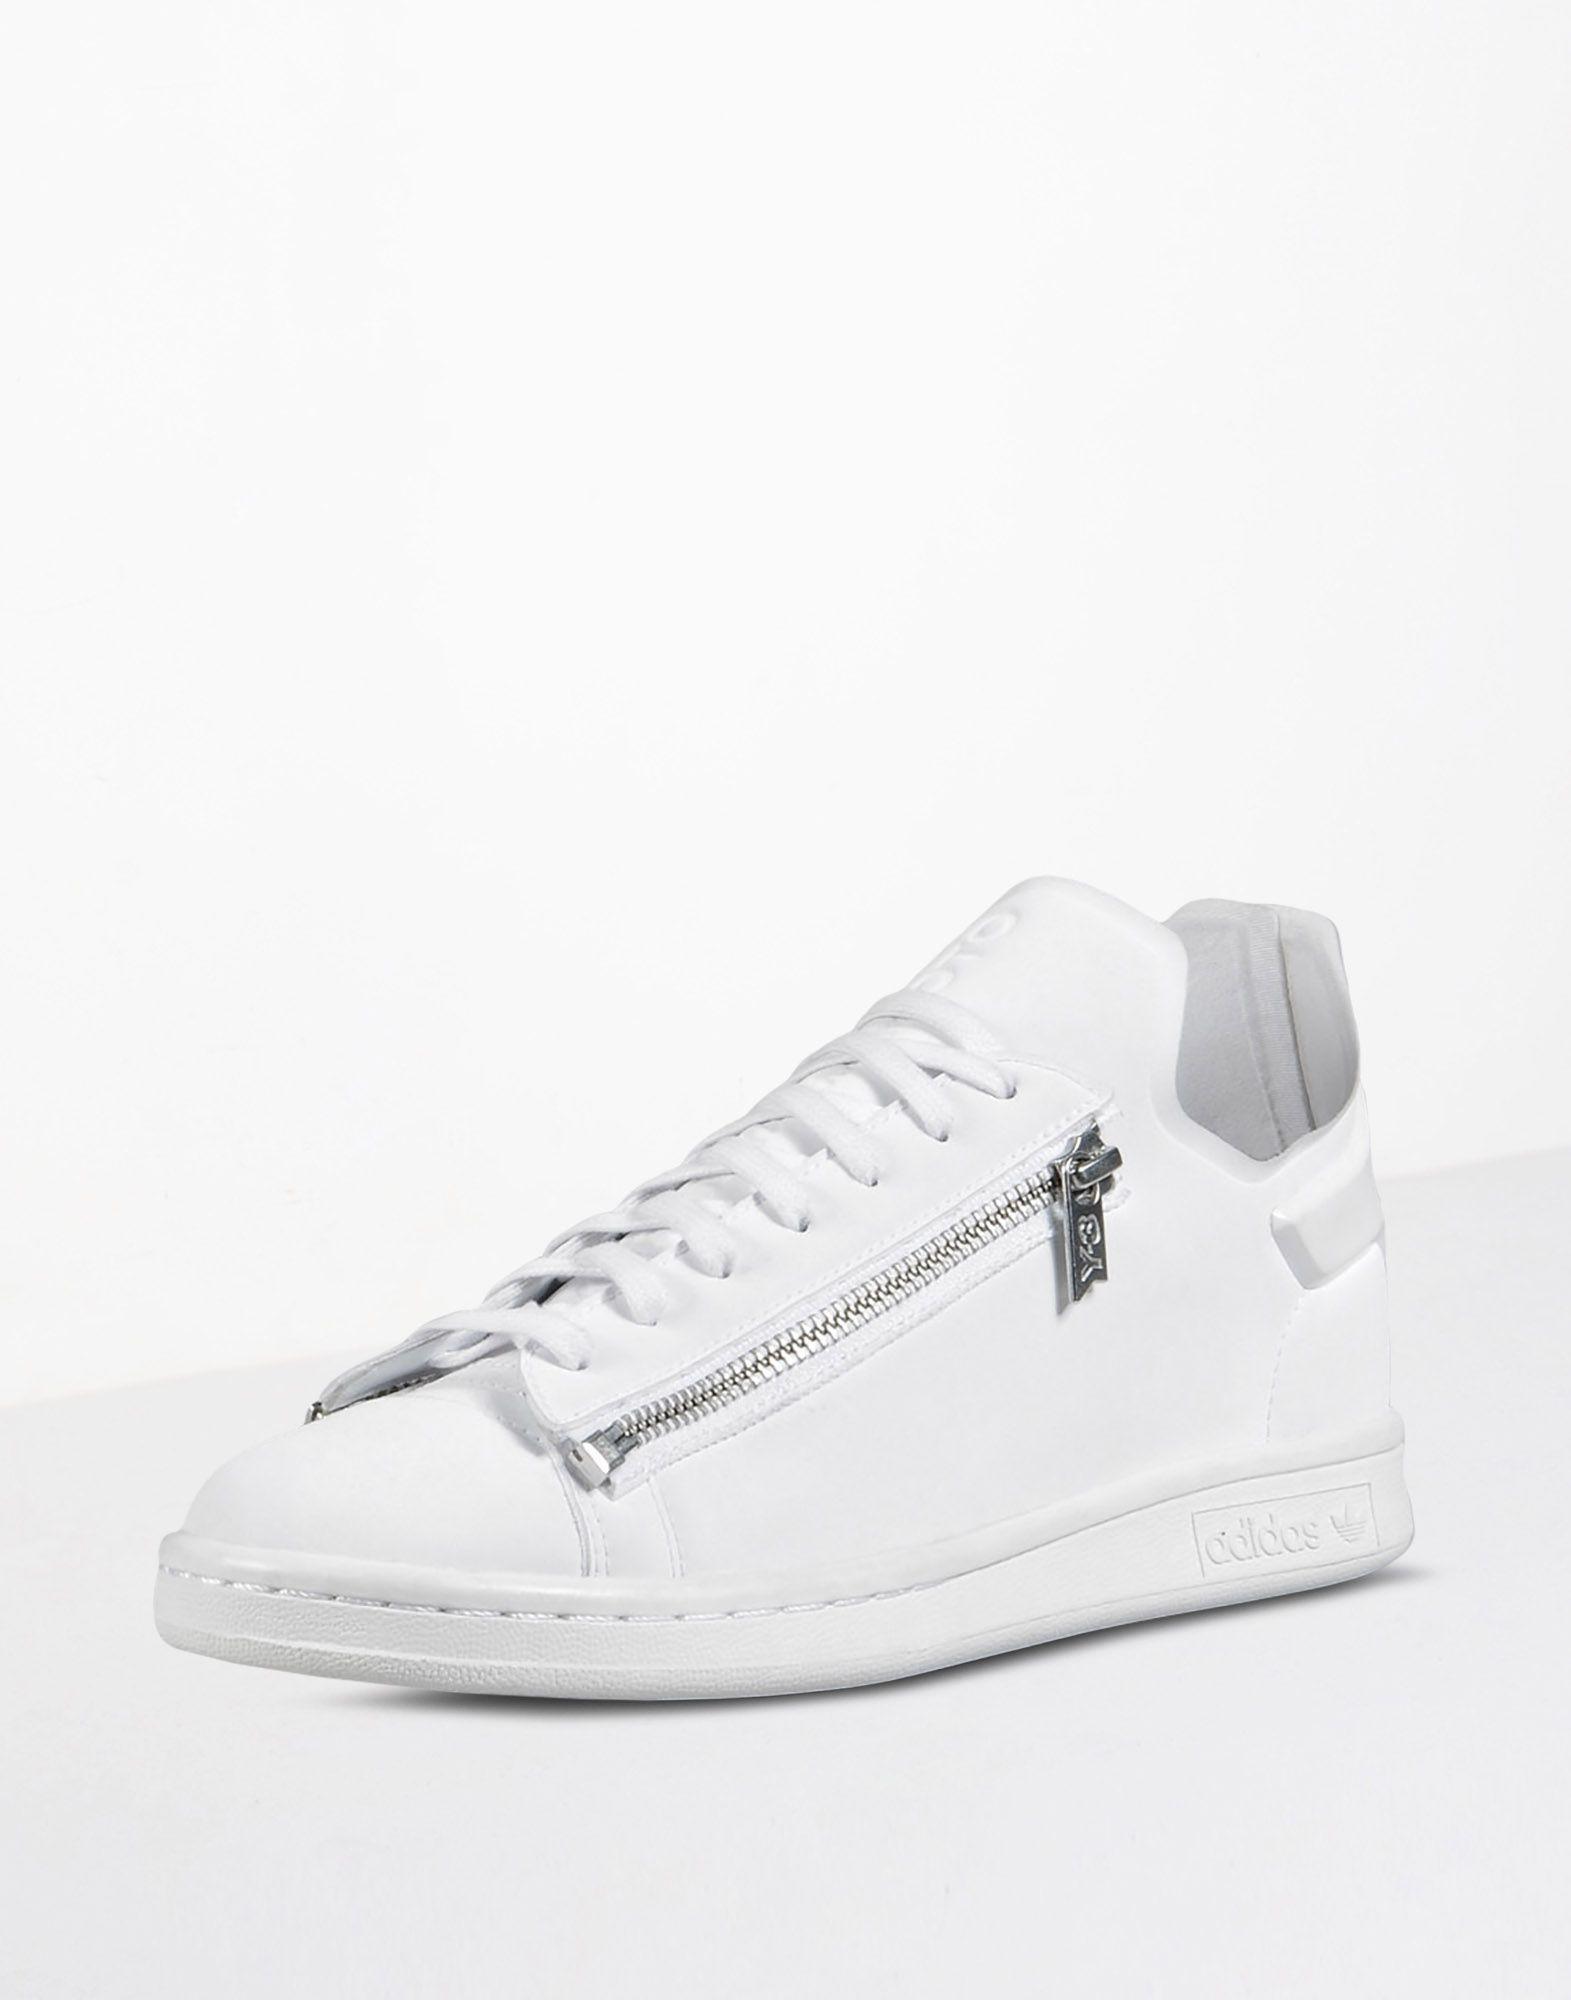 56f57f44e Y-3 STAN ZIP Shoes unisex Y-3 adidas